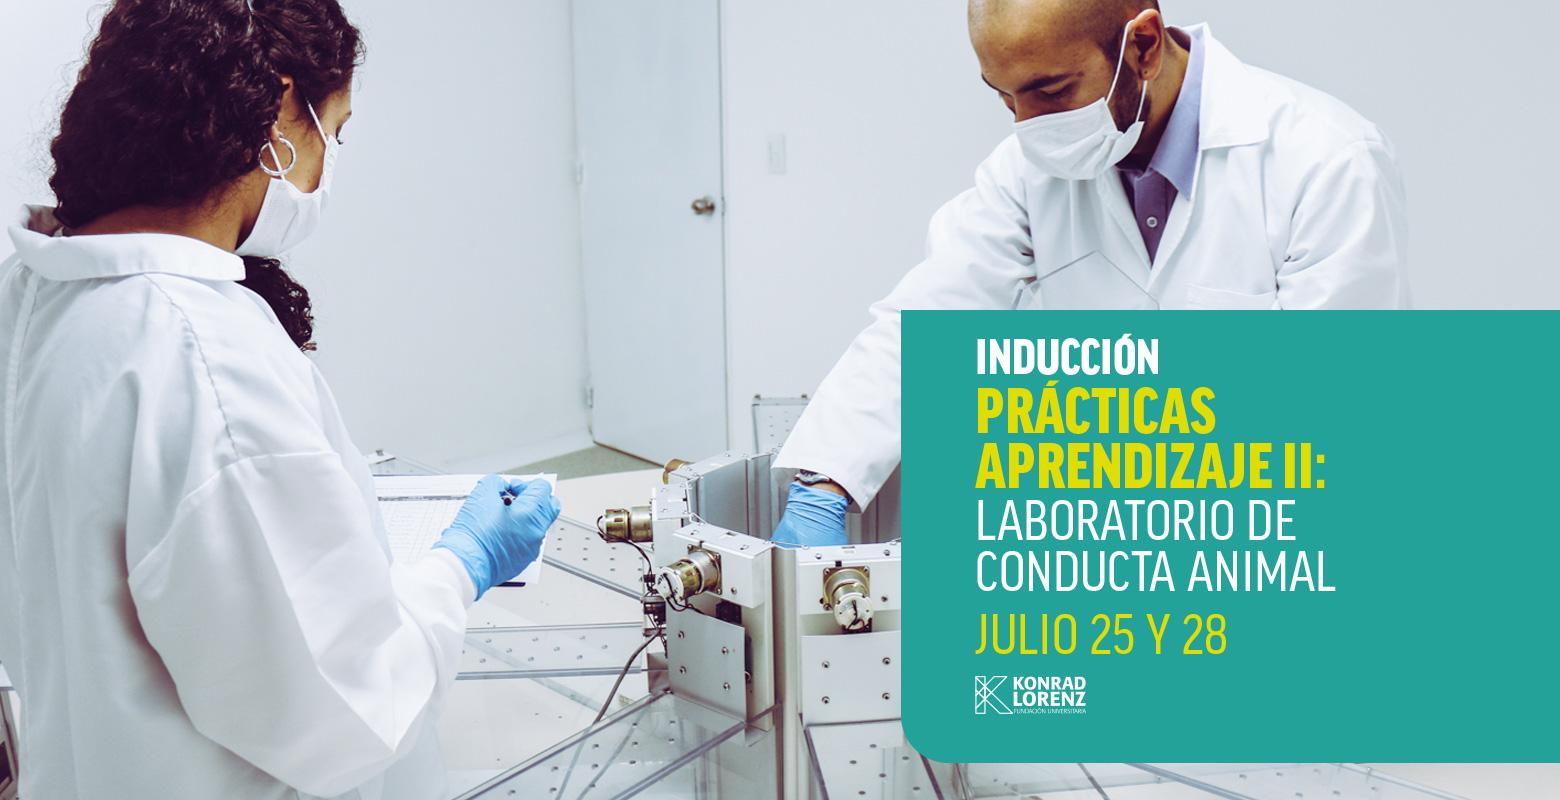 Inducción prácticas aprendizaje II: Laboratorio de conducta animal